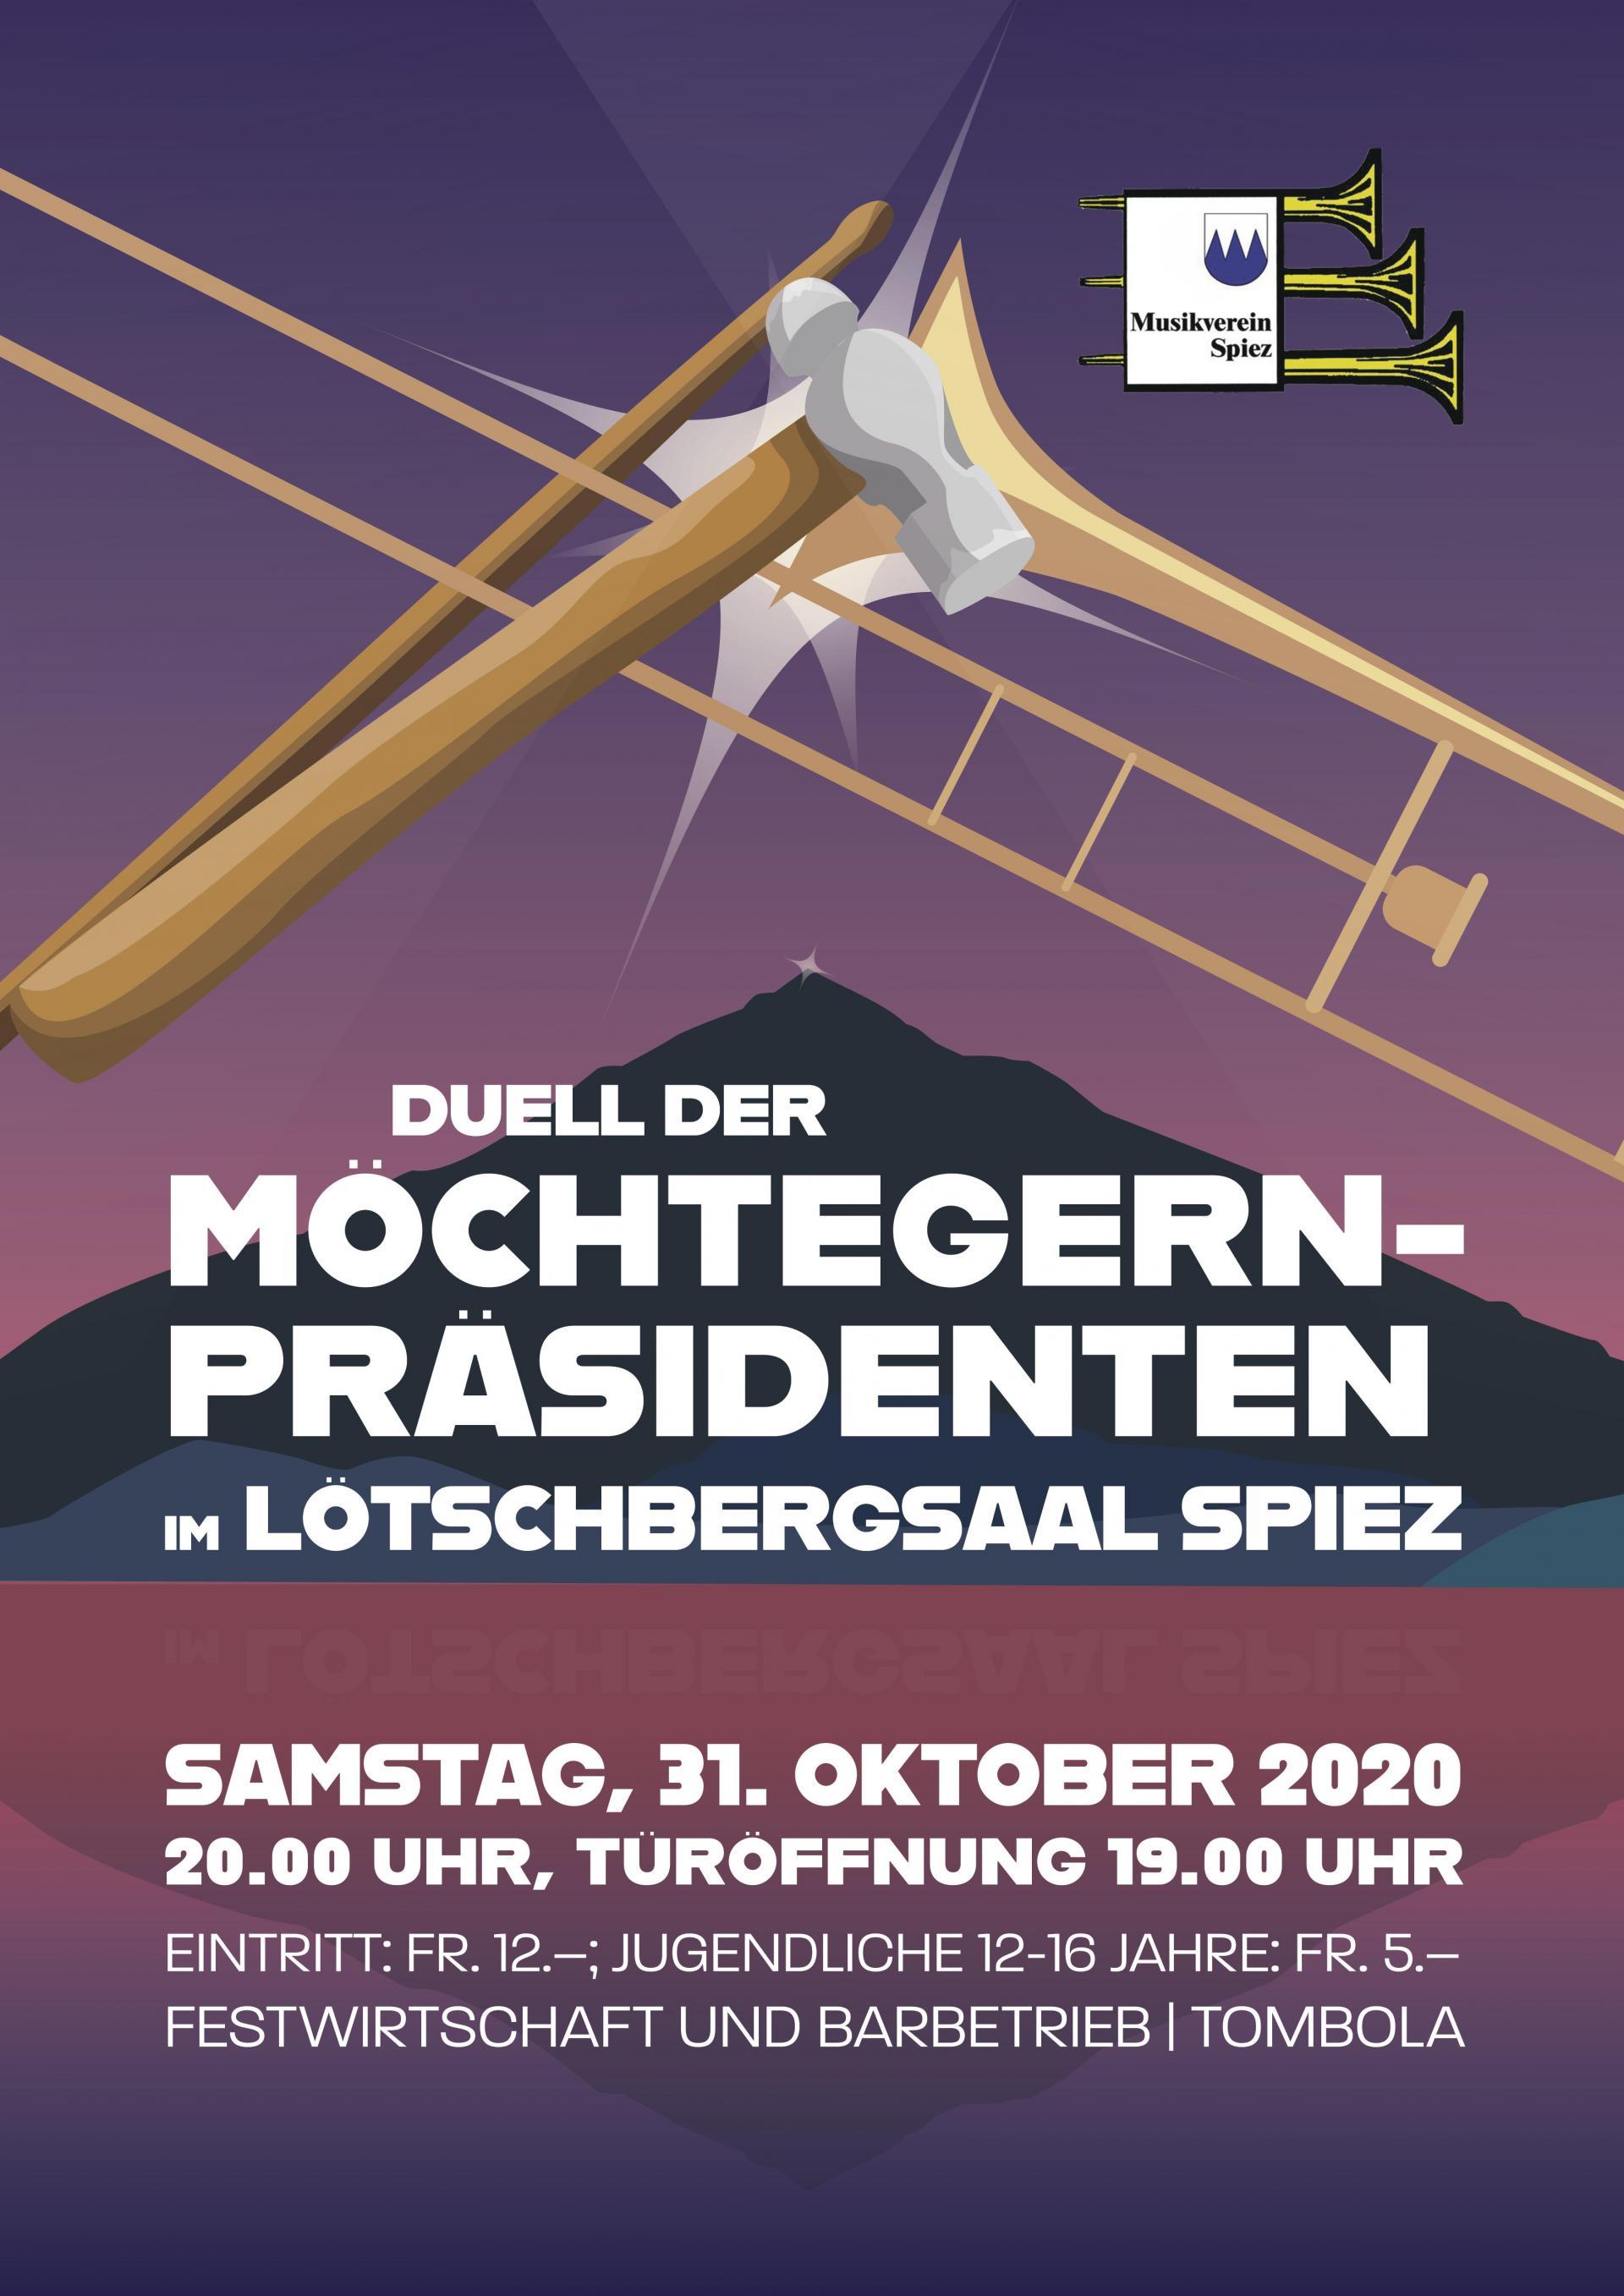 Unterhaltungskonzert vom 31.10.2020